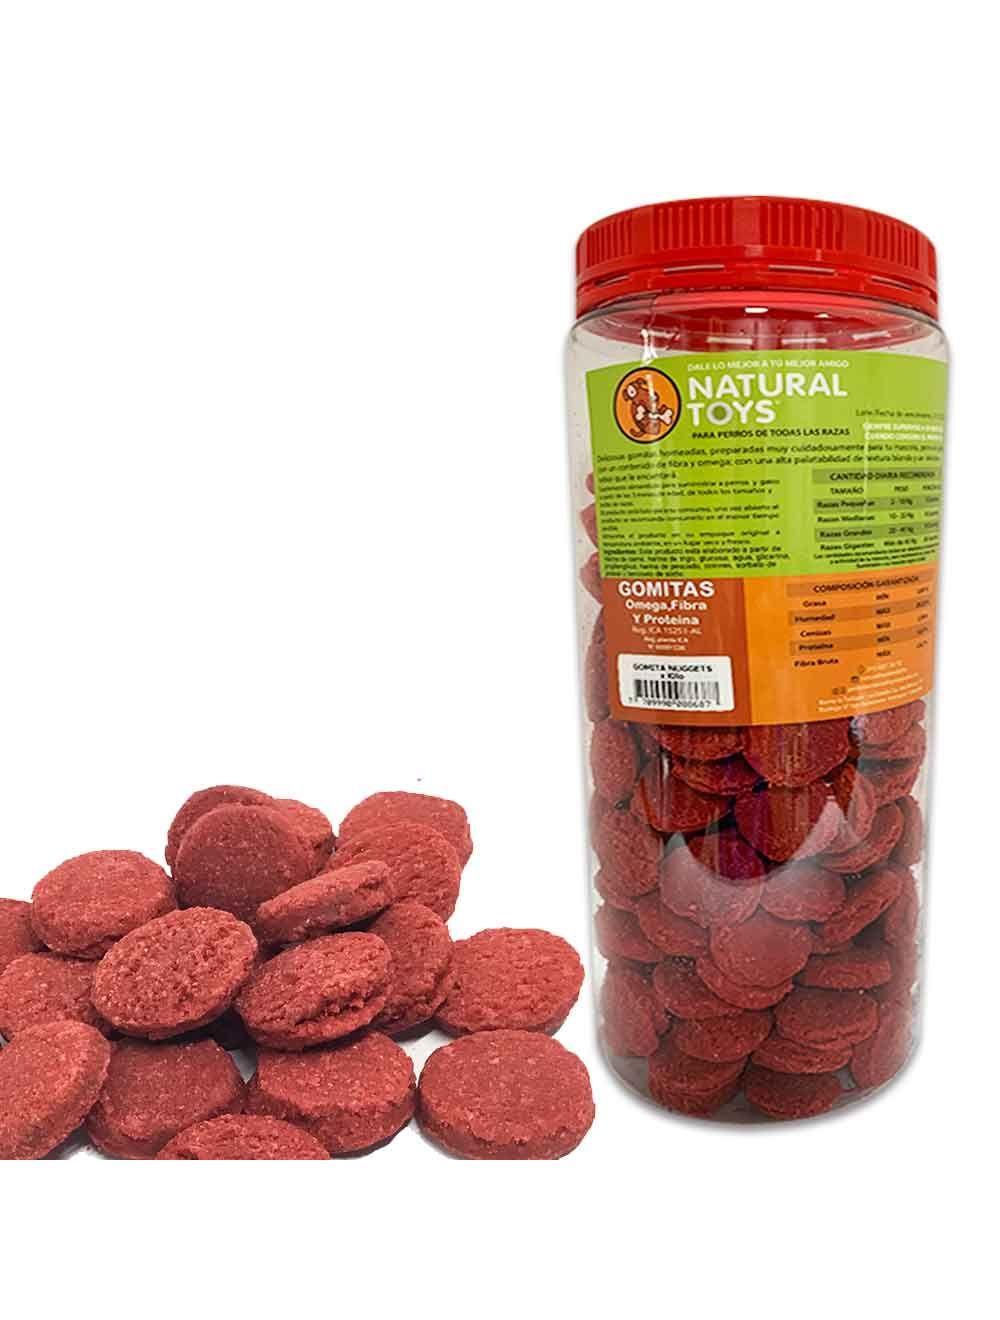 Gomitas Nugget De Proteína Y Fibra Natural 1 Kl